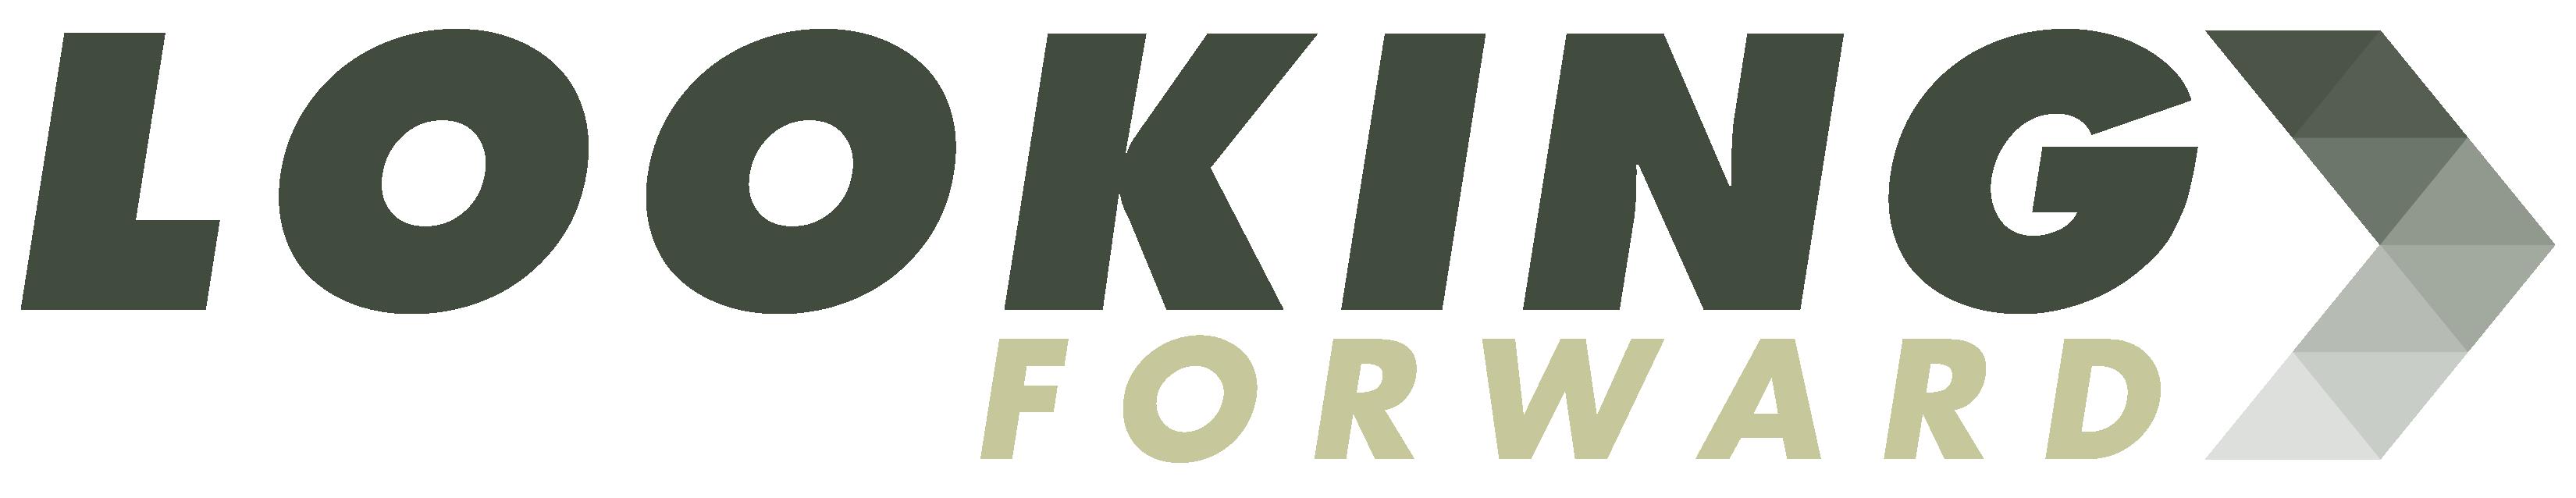 Looking Forward (logo)